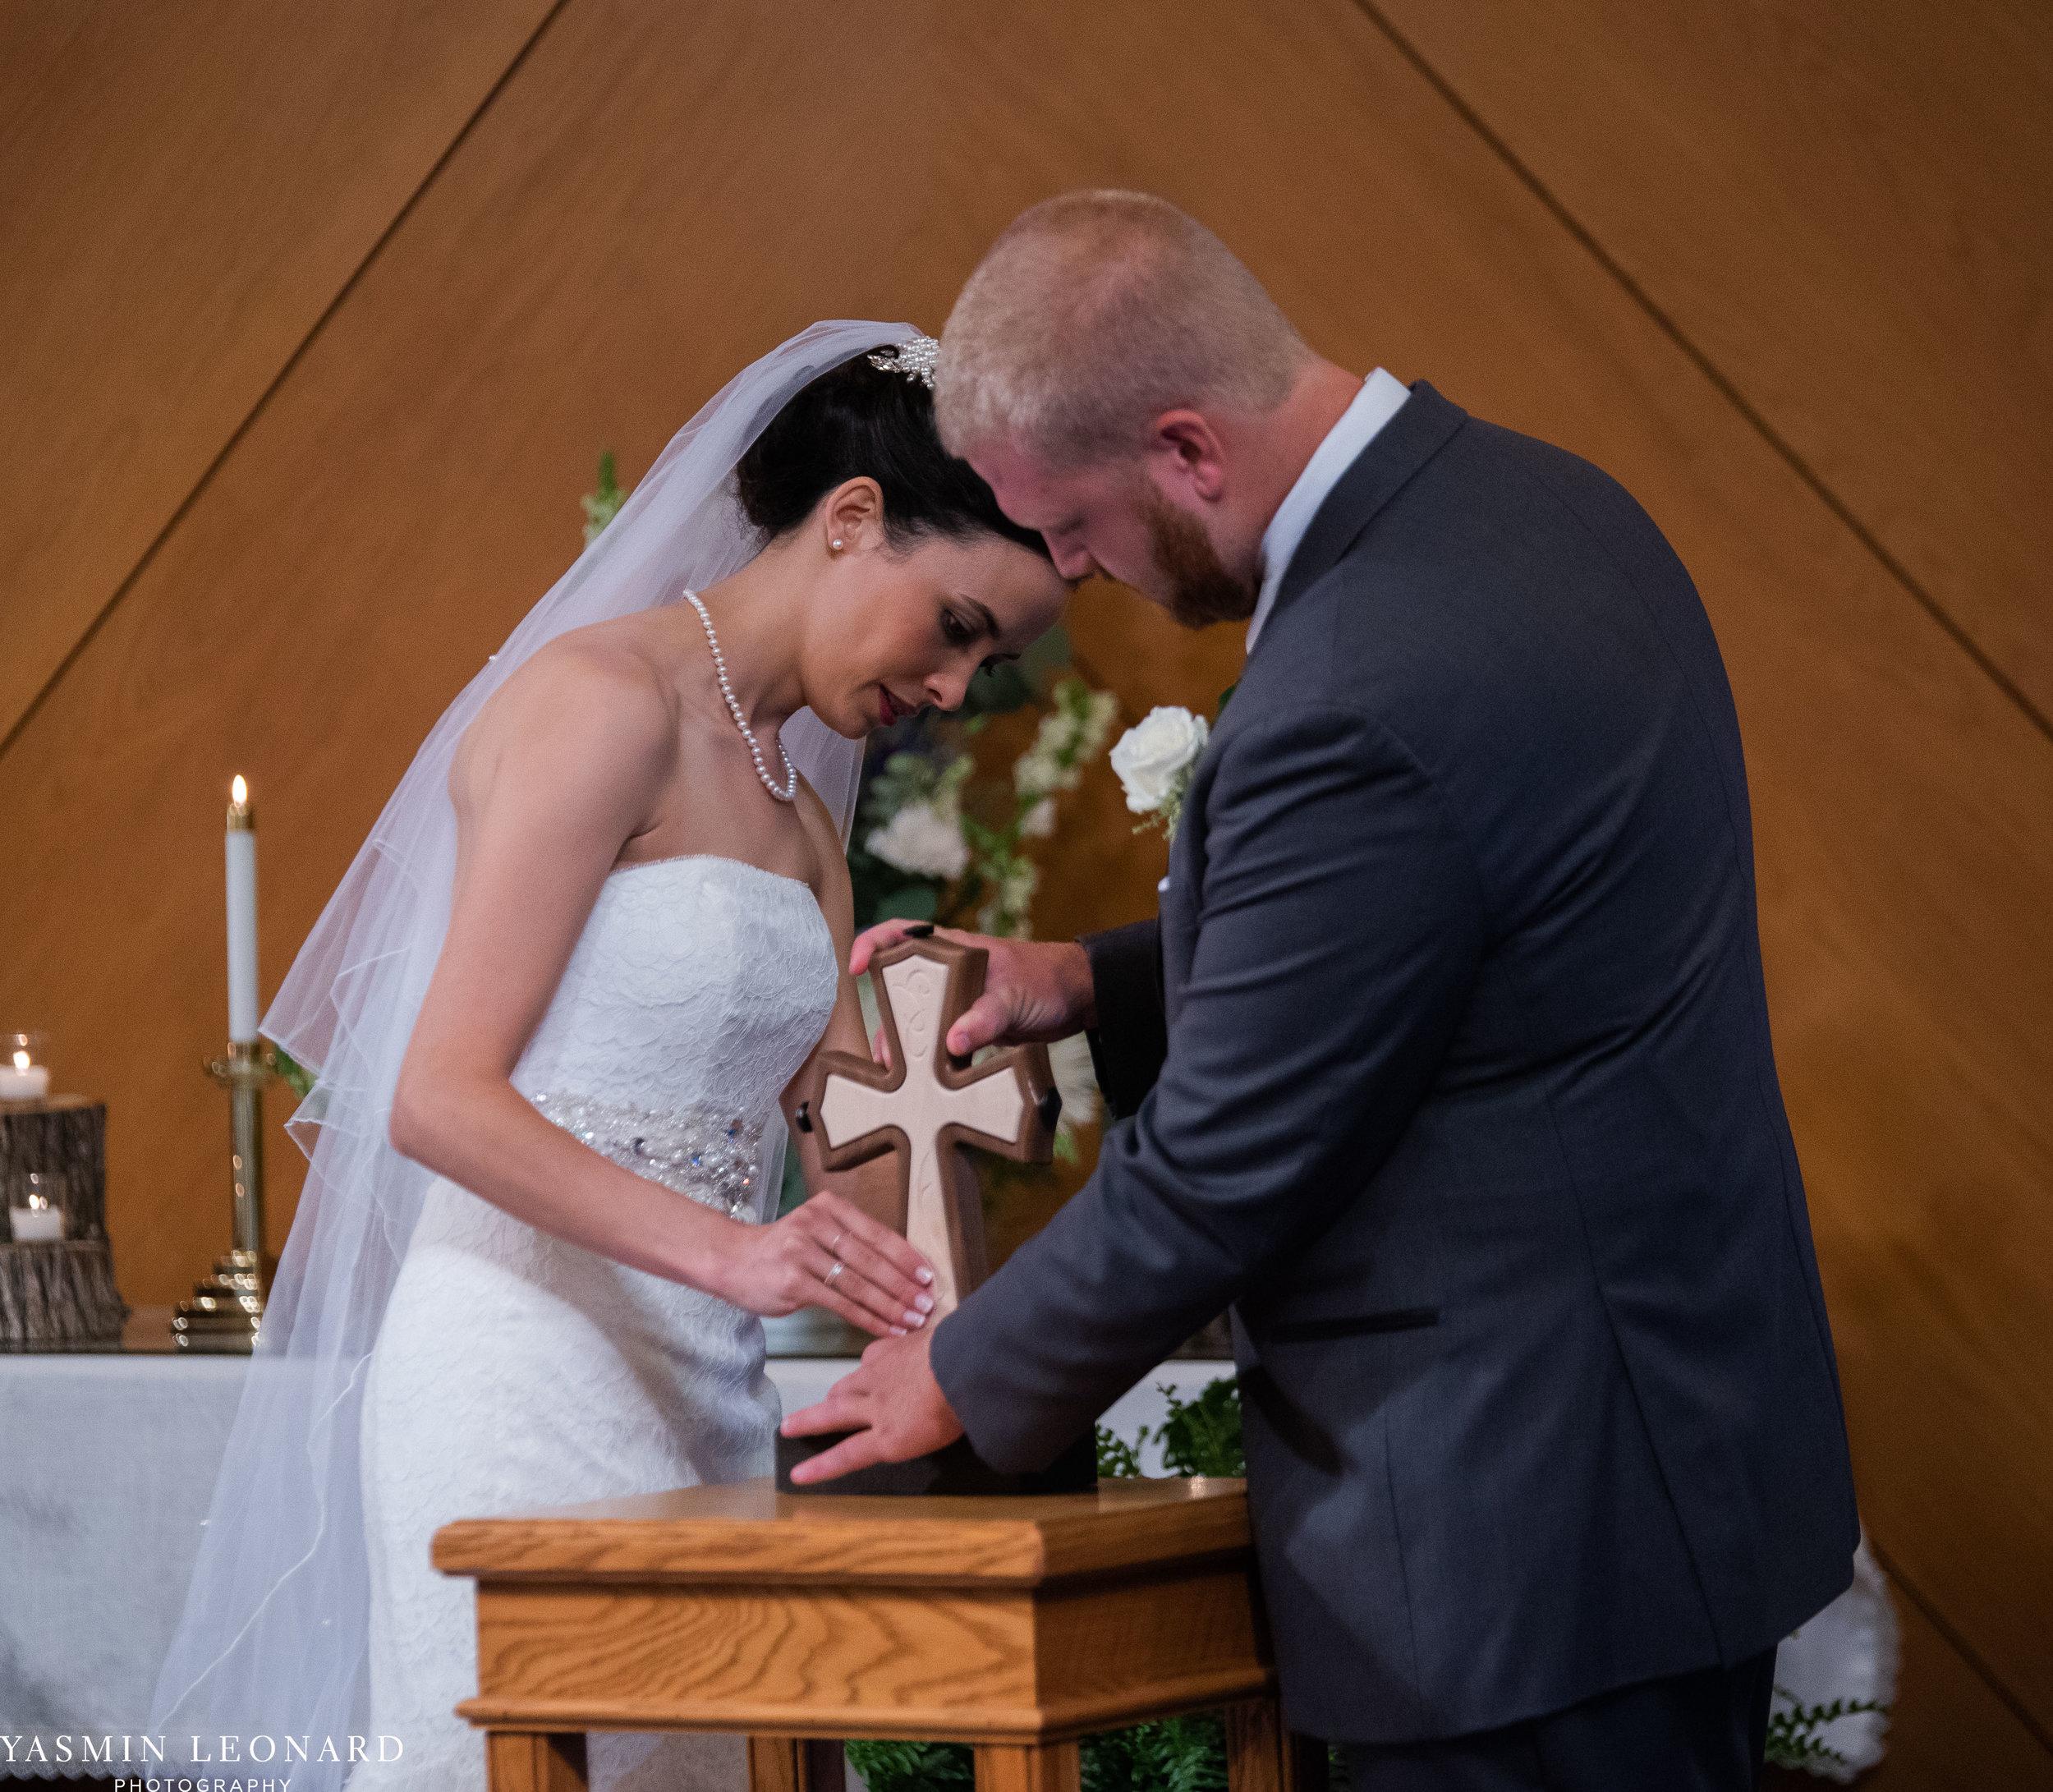 Mt. Pleasant Church - Church Wedding - Traditional Wedding - Church Ceremony - Country Wedding - Godly Wedding - NC Wedding Photographer - High Point Weddings - Triad Weddings - NC Venues-24.jpg